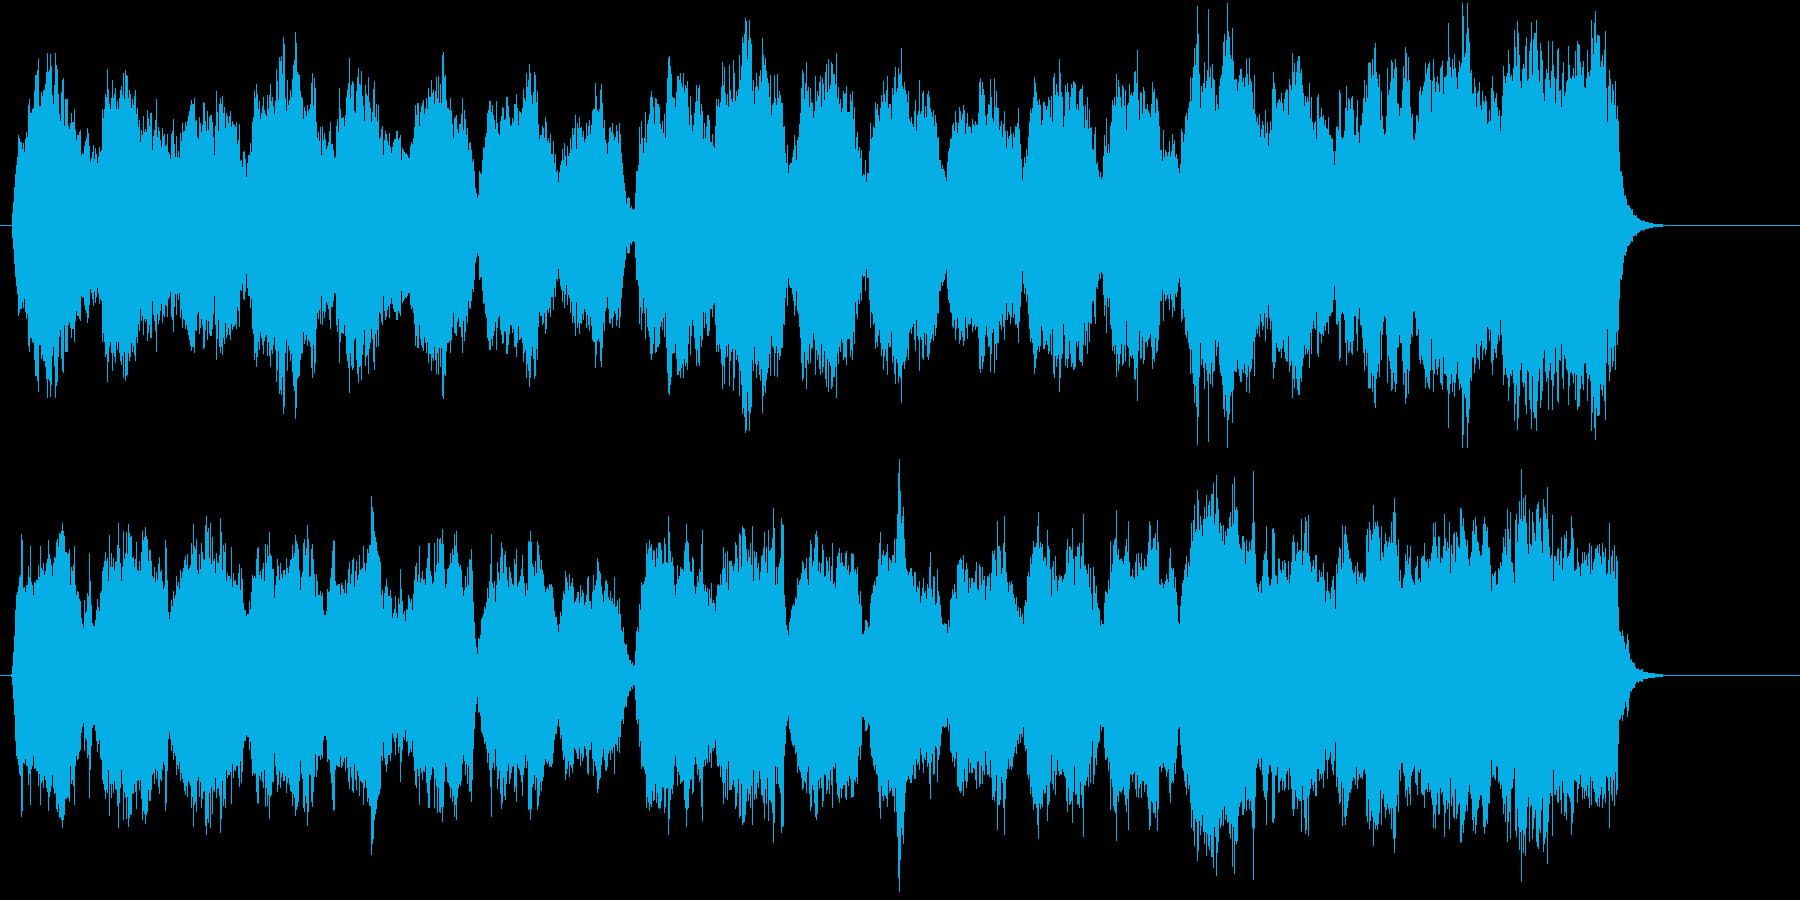 ストリングスによる故郷を思わせるポップの再生済みの波形